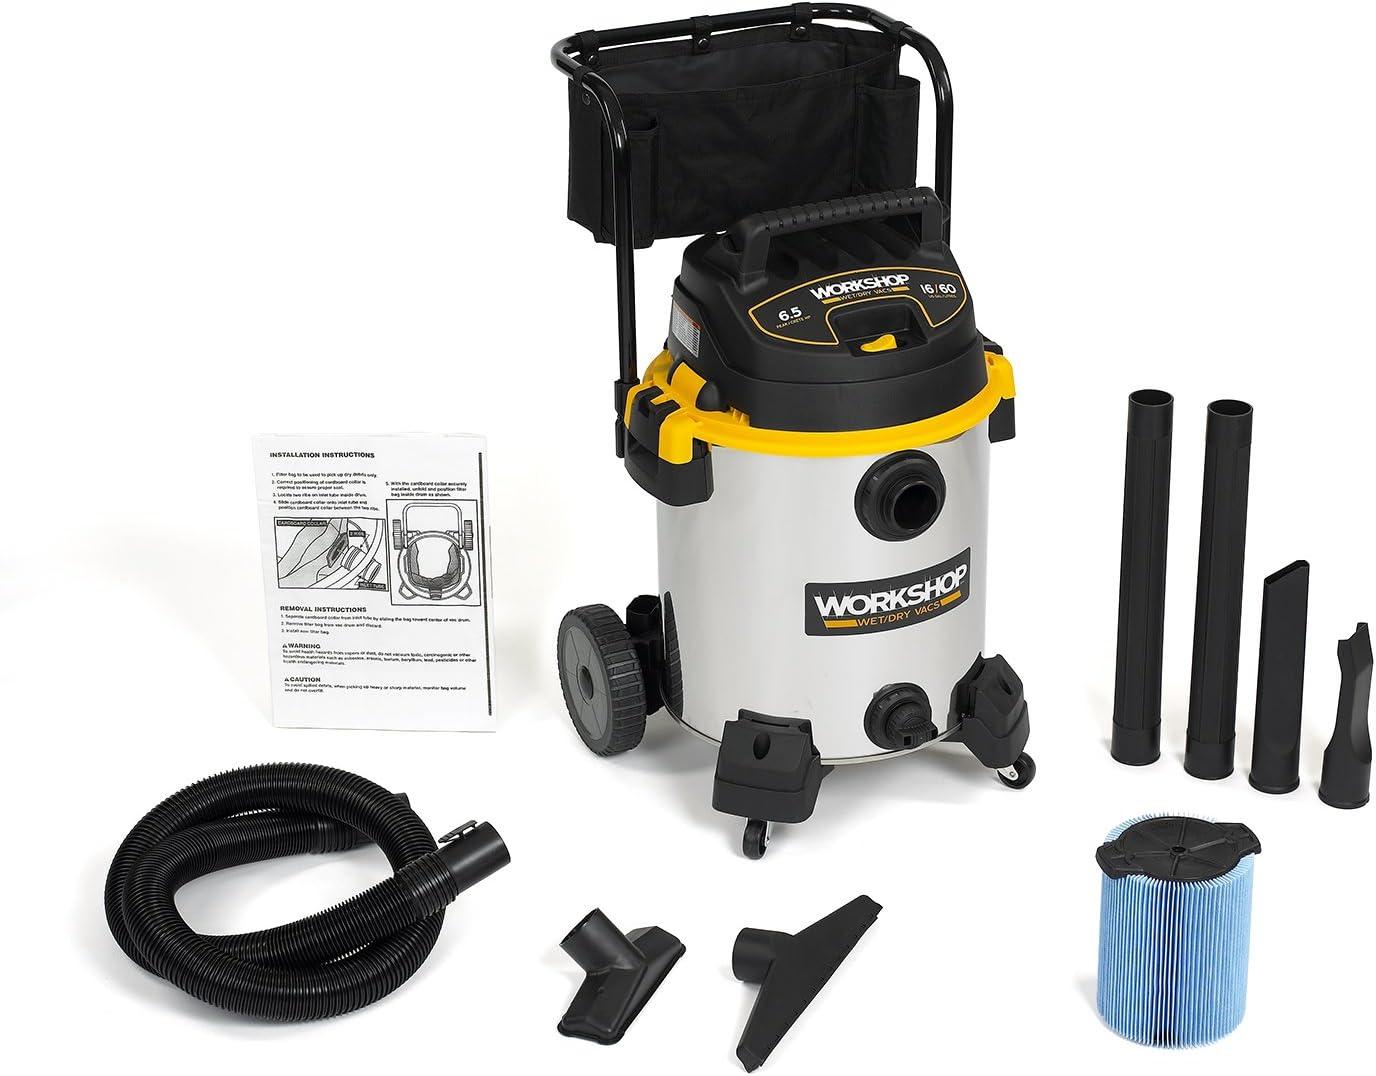 WORKSHOP Wet/Dry Vacs Vacuum WS1600SS Heavy Duty Stainless Steel Wet/Dry Vacuum Cleaner, 16-Gallon Stainless Steel Shop Vacuum Cleaner, 6.5-Peak HP Wet And Dry Vacuum : Industrial & Scientific